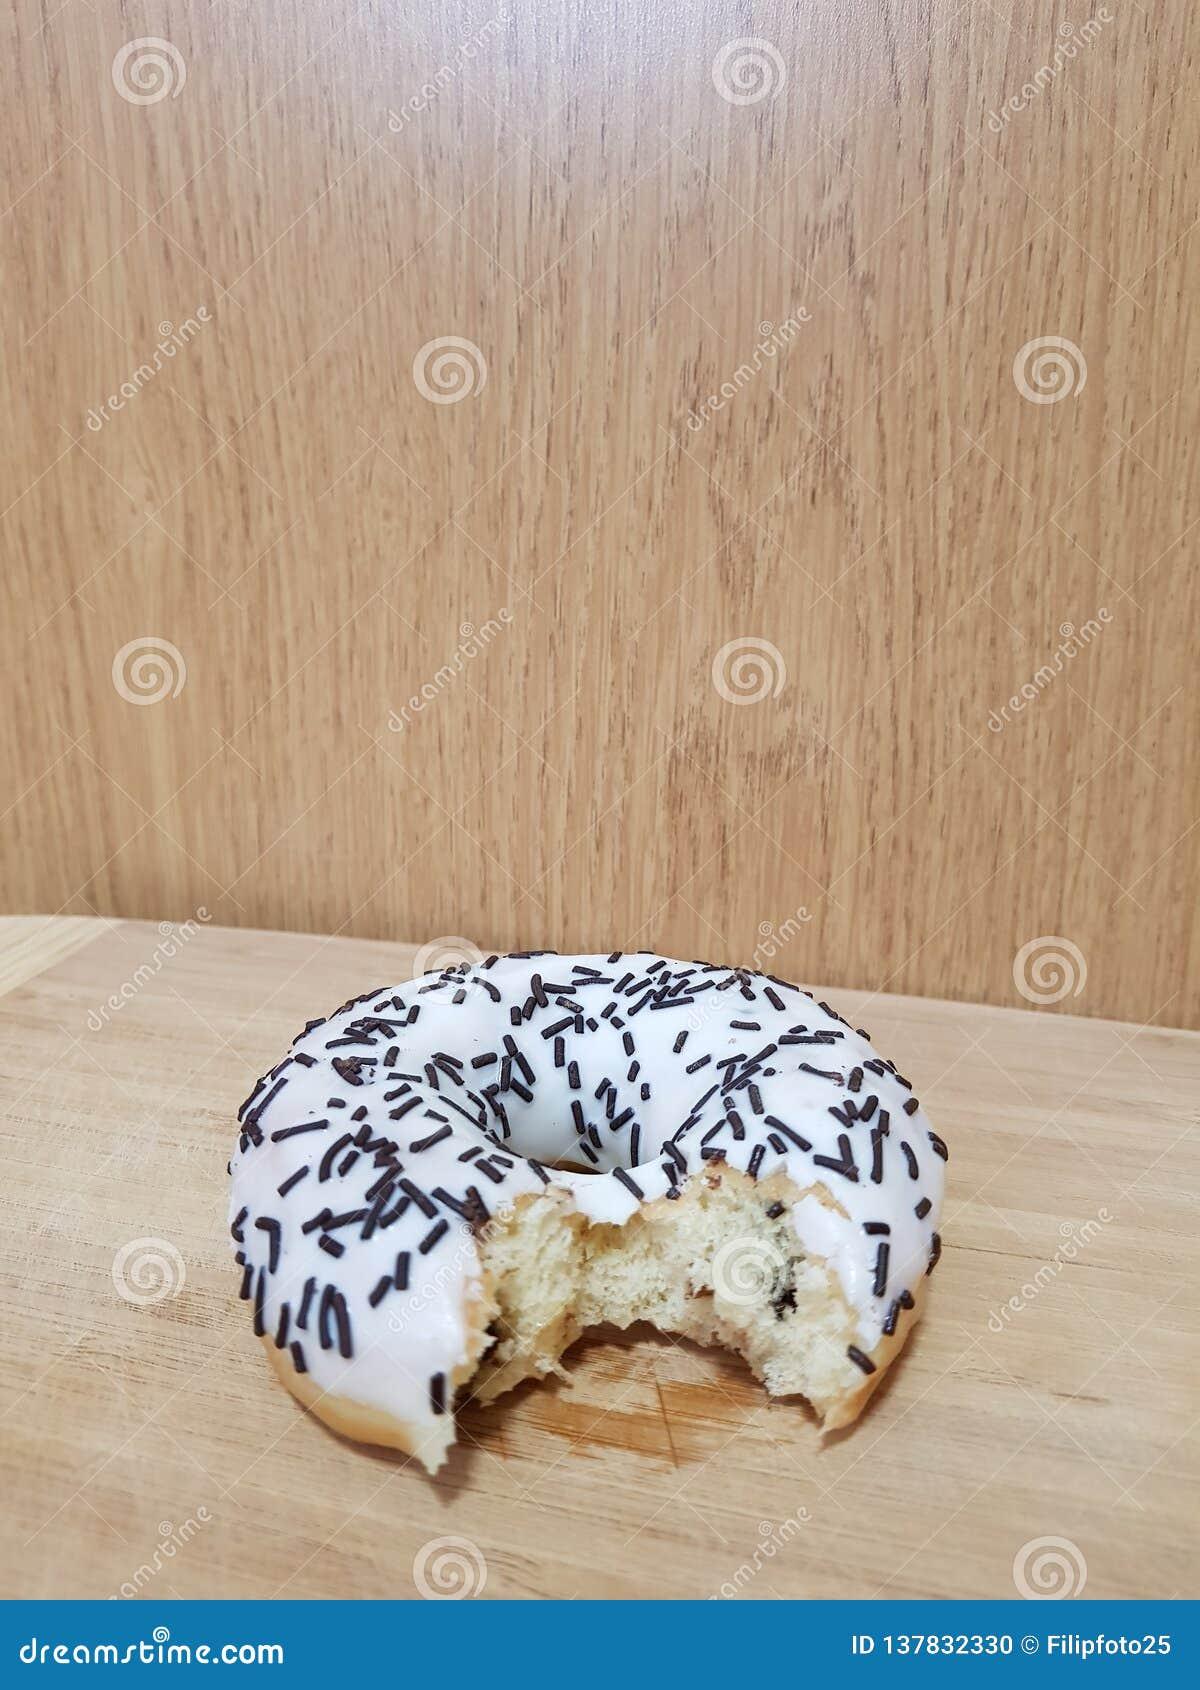 Essen Sie den Donut